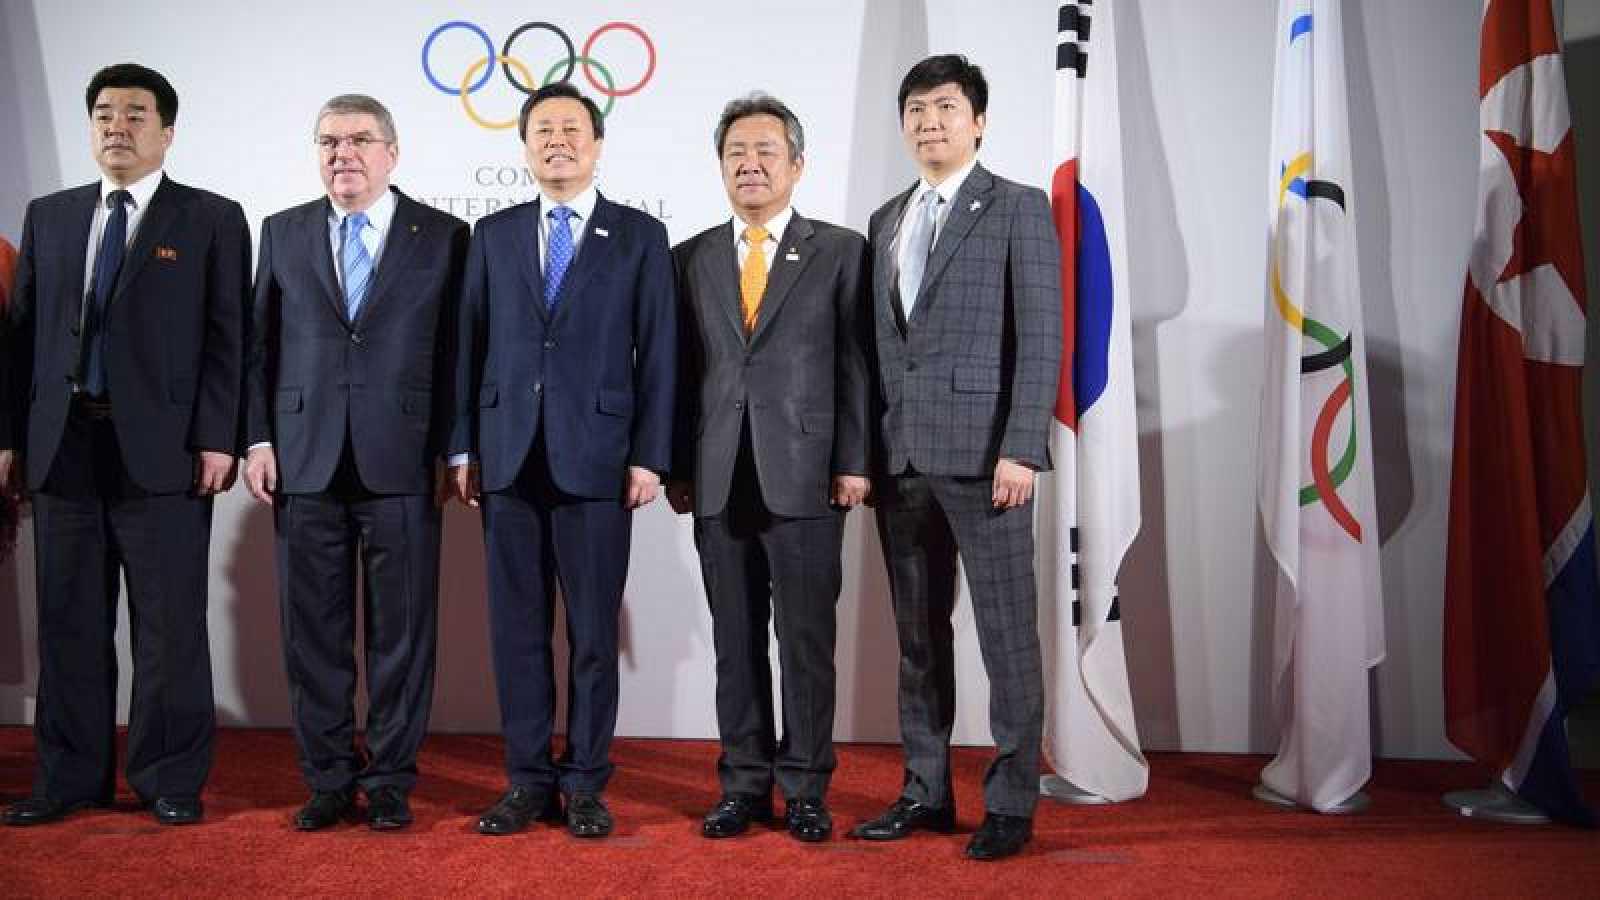 Veintidós atletas norcoreanos de 3 deportes participarán JJOO de PyeongChang